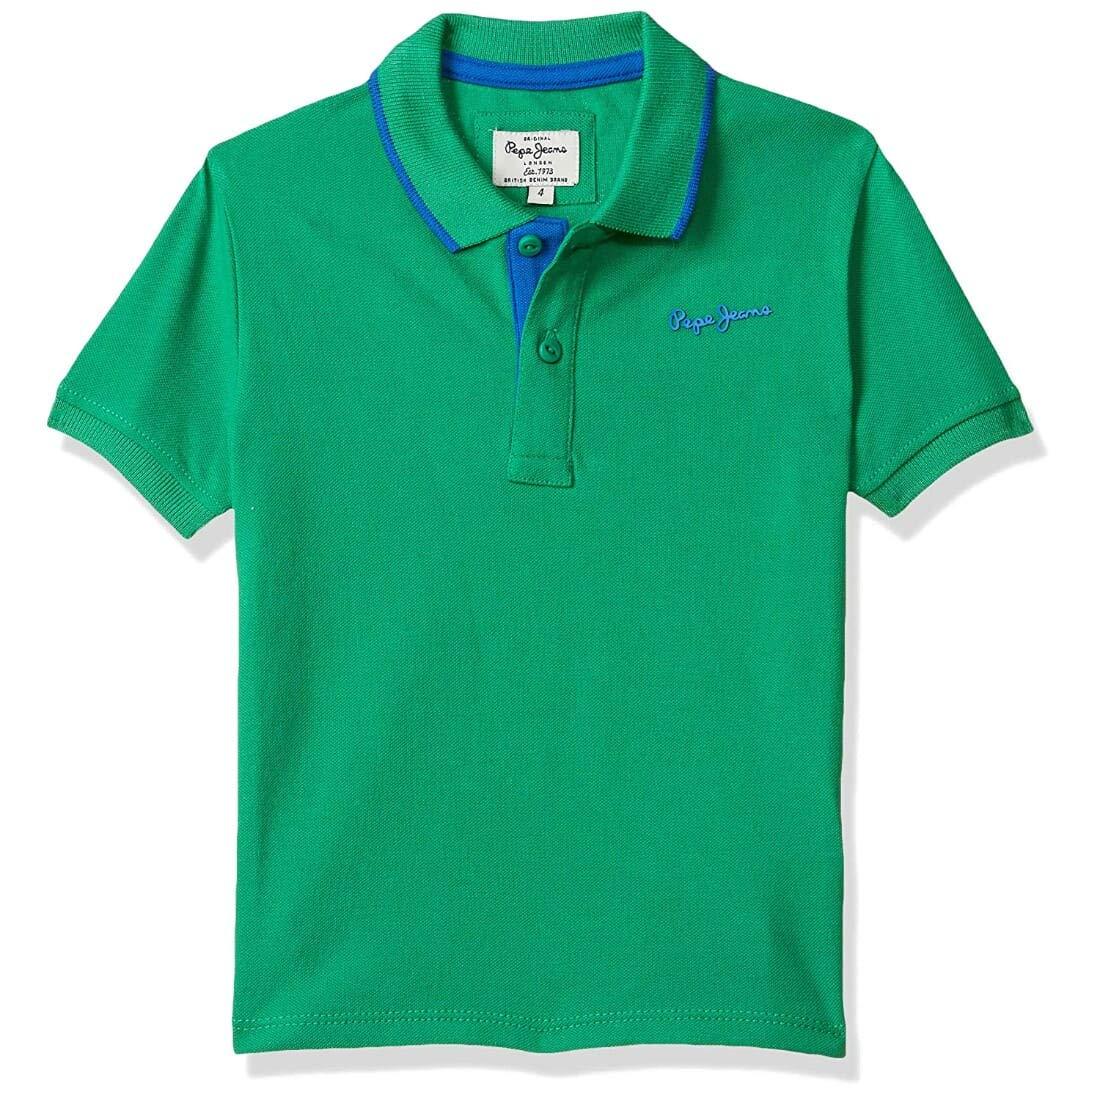 PepeJeansBoysGreenTshirt